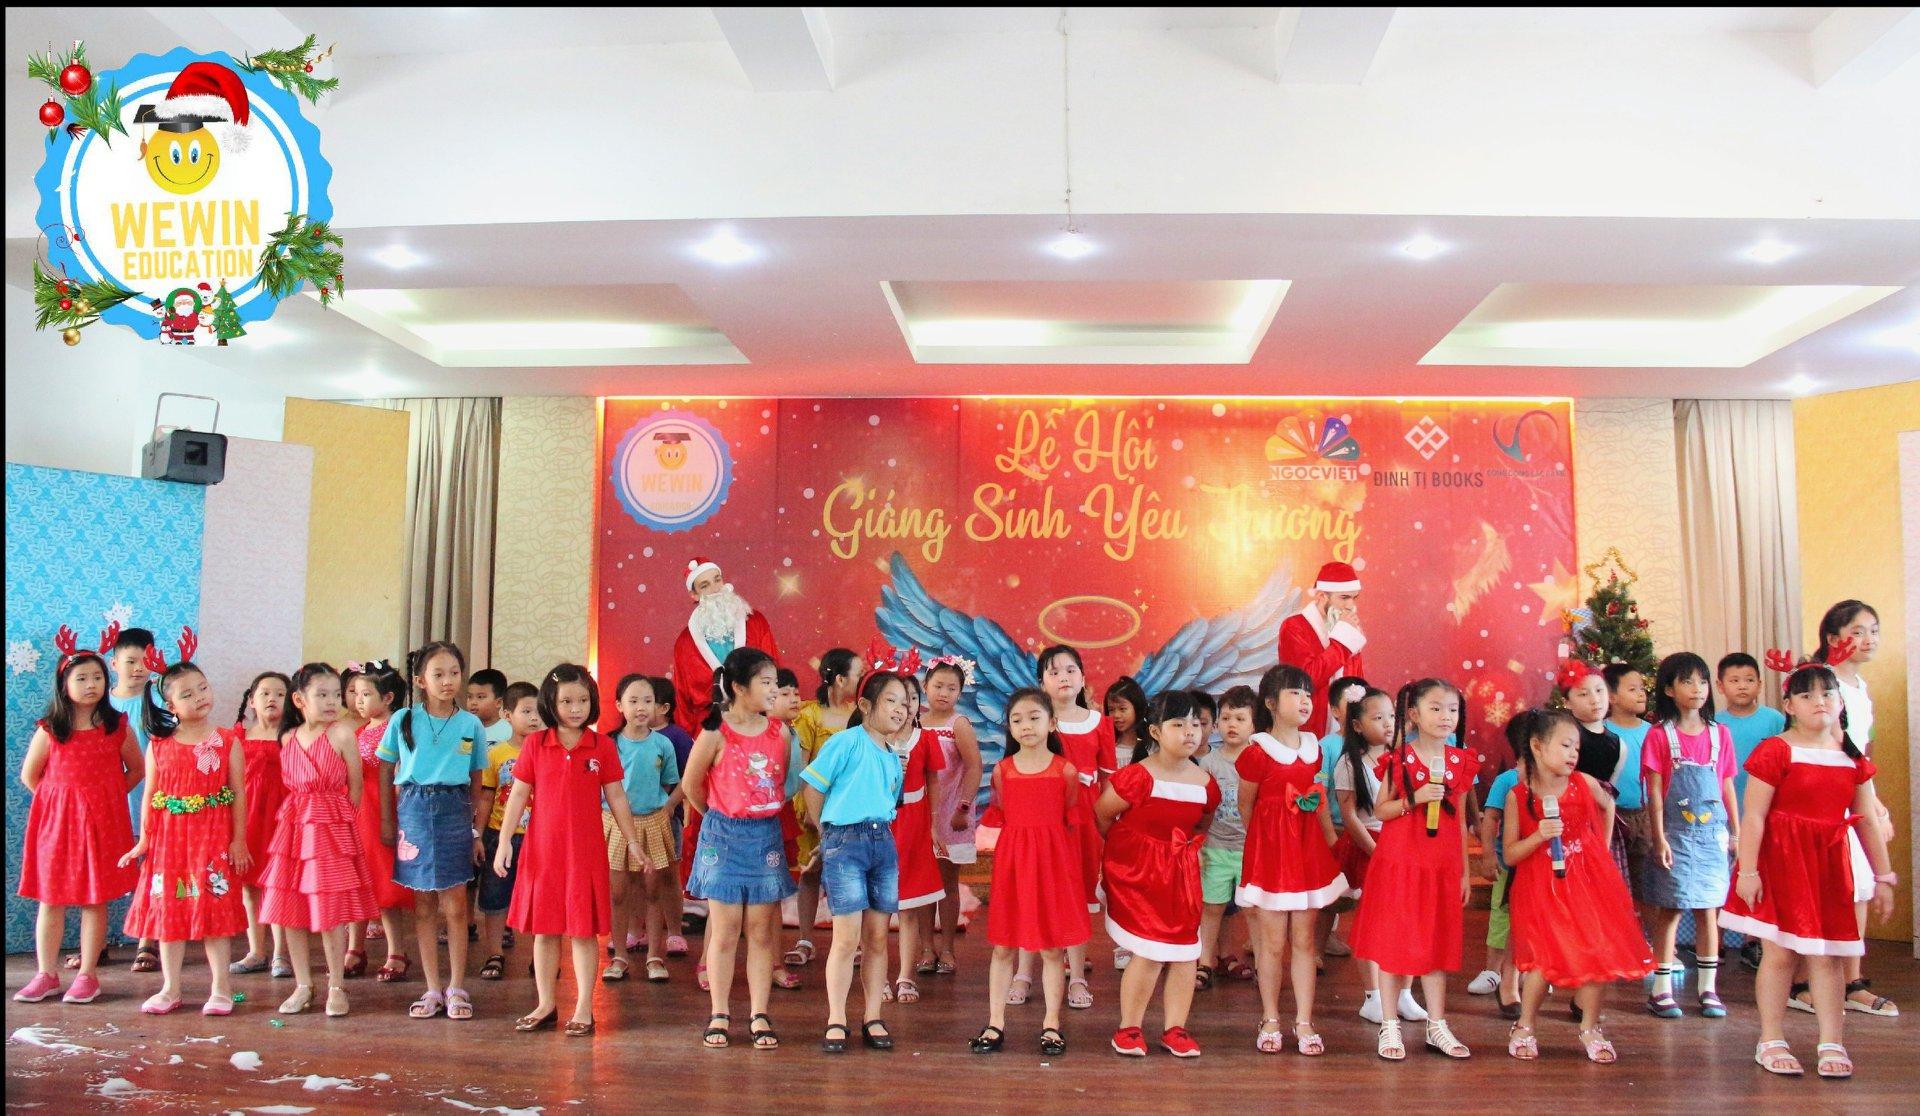 Sự kiện Giáng Sinh Yêu Thương được WeWin tổ chức mang lại nhiều niềm vui cho các em